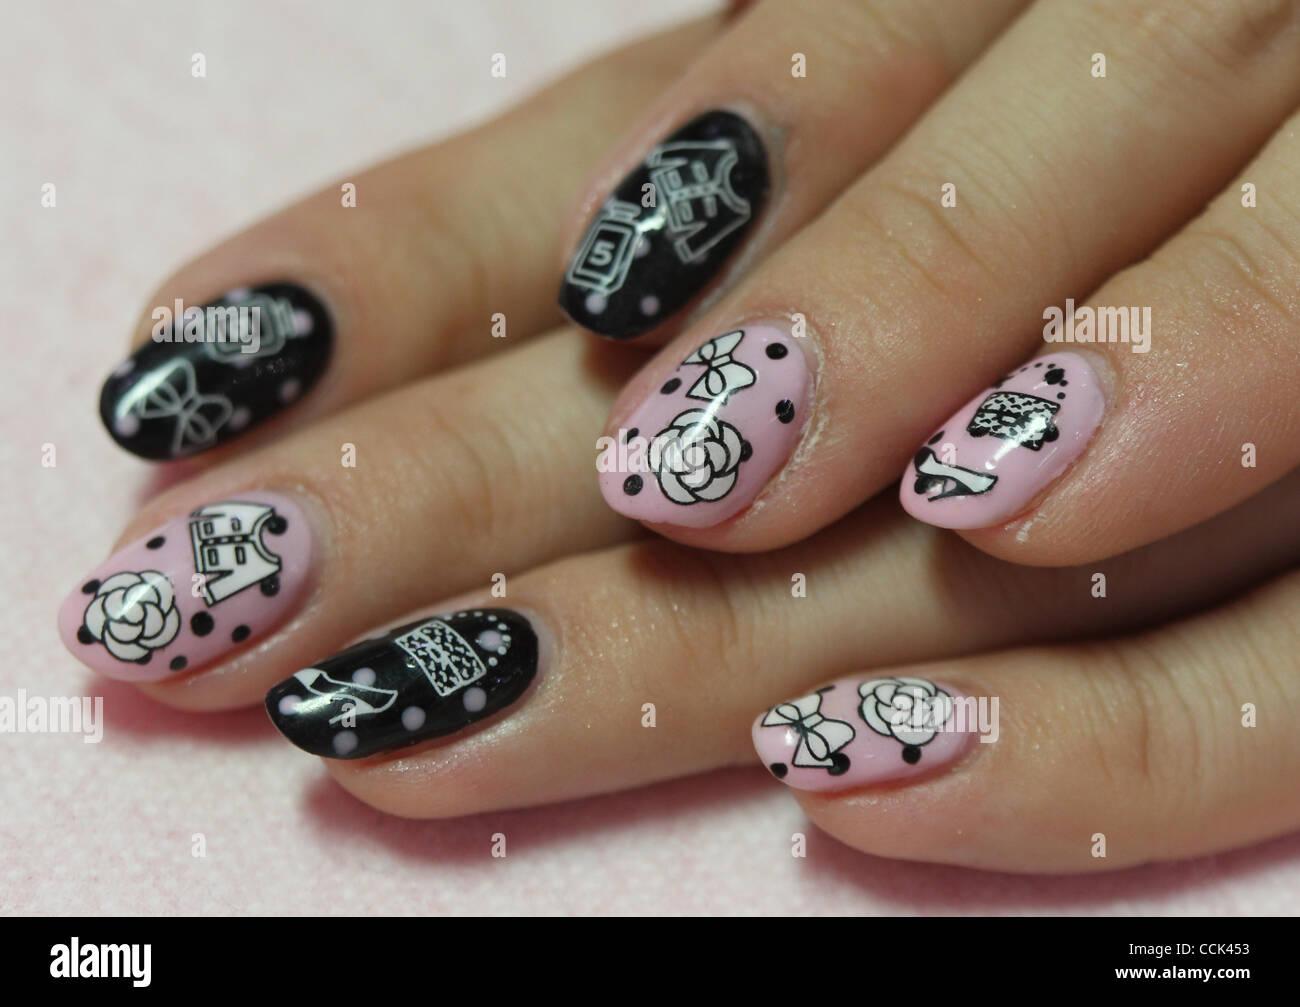 Nov. 29, 2010 - Tokyo, Japan - Nail artist shows her nails during ...